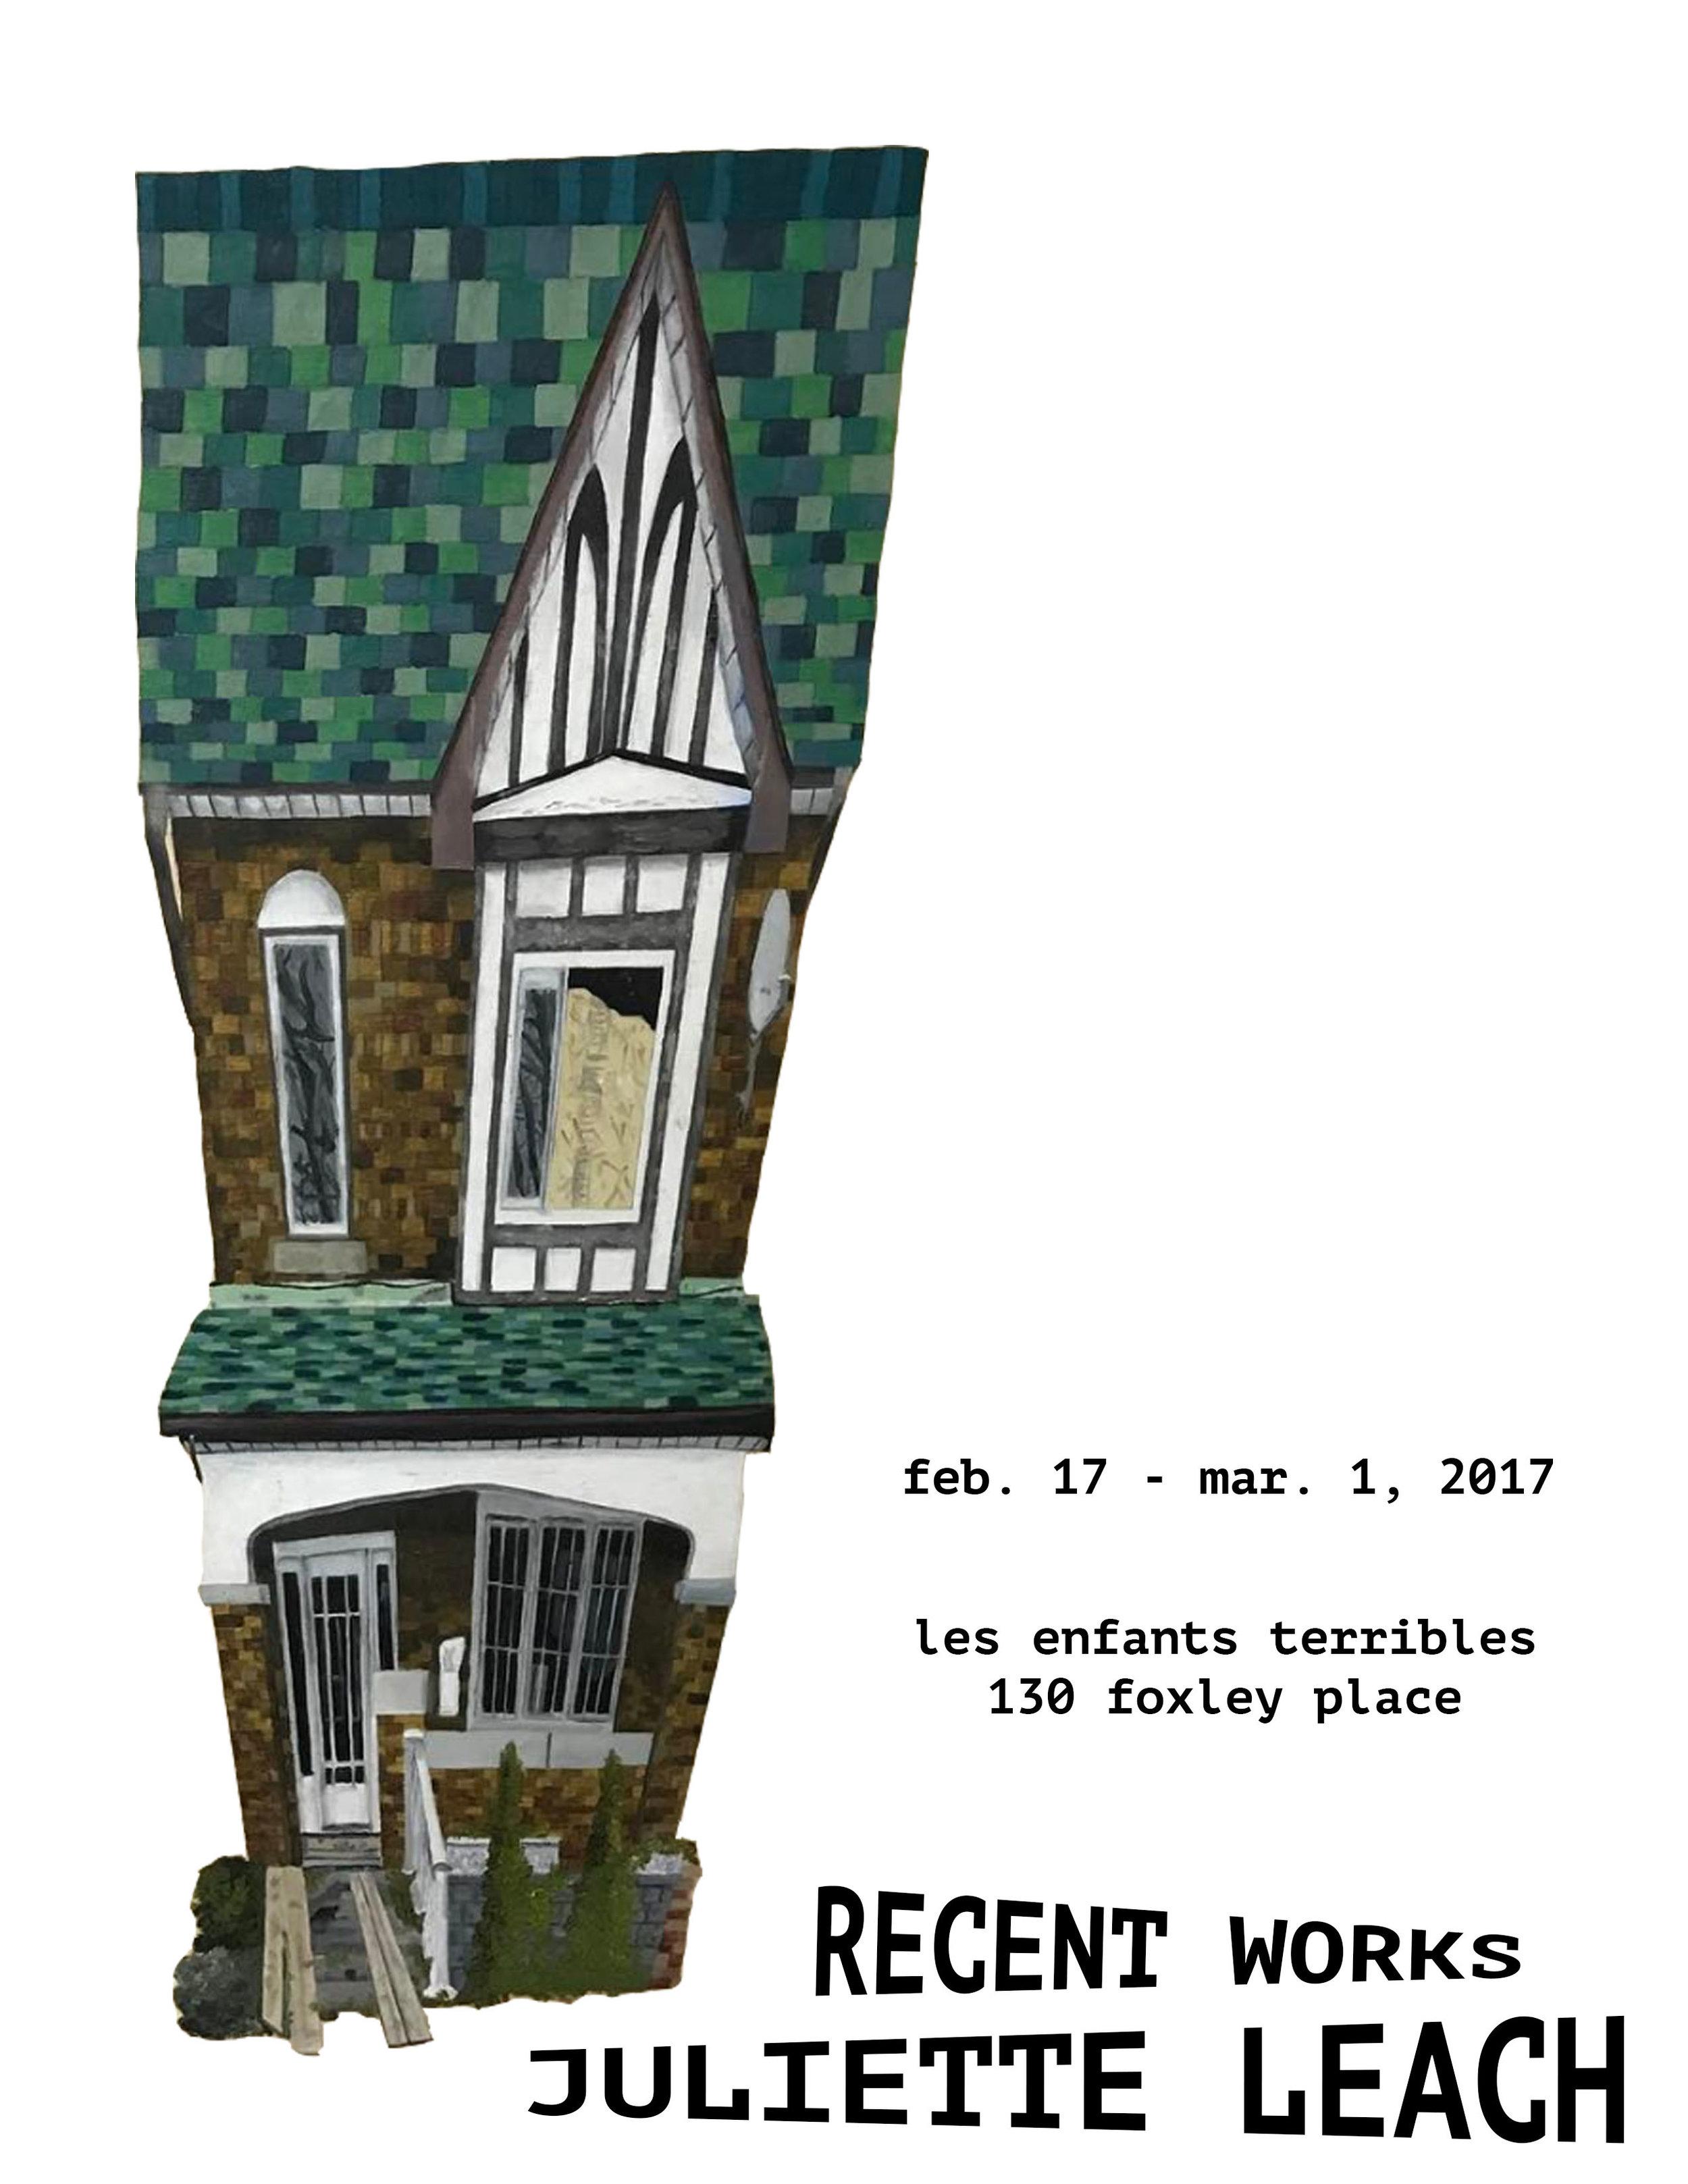 Recent Works: Juliette Leach